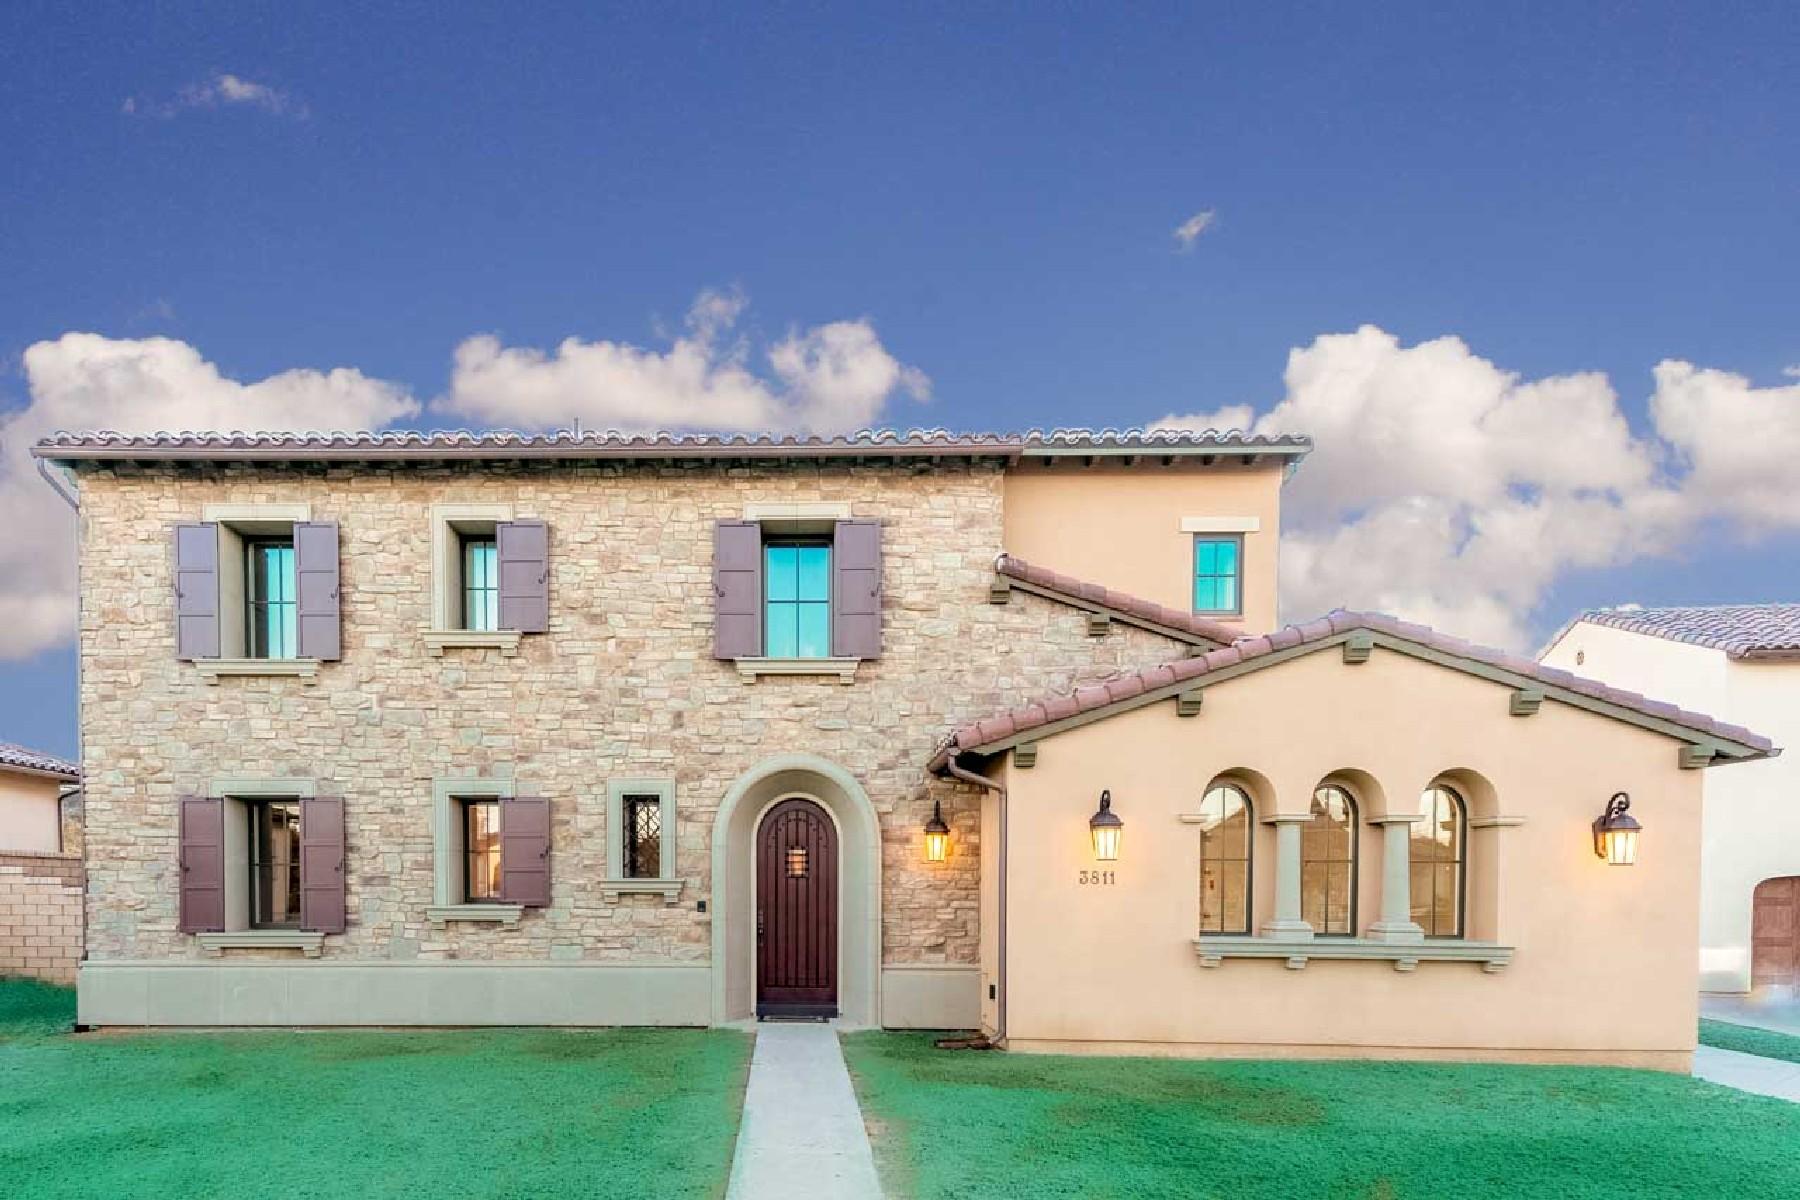 Single Family Home for Sale at Alta Del Mar Coastal 3811 Rancho La Bella San Diego, California CA United States